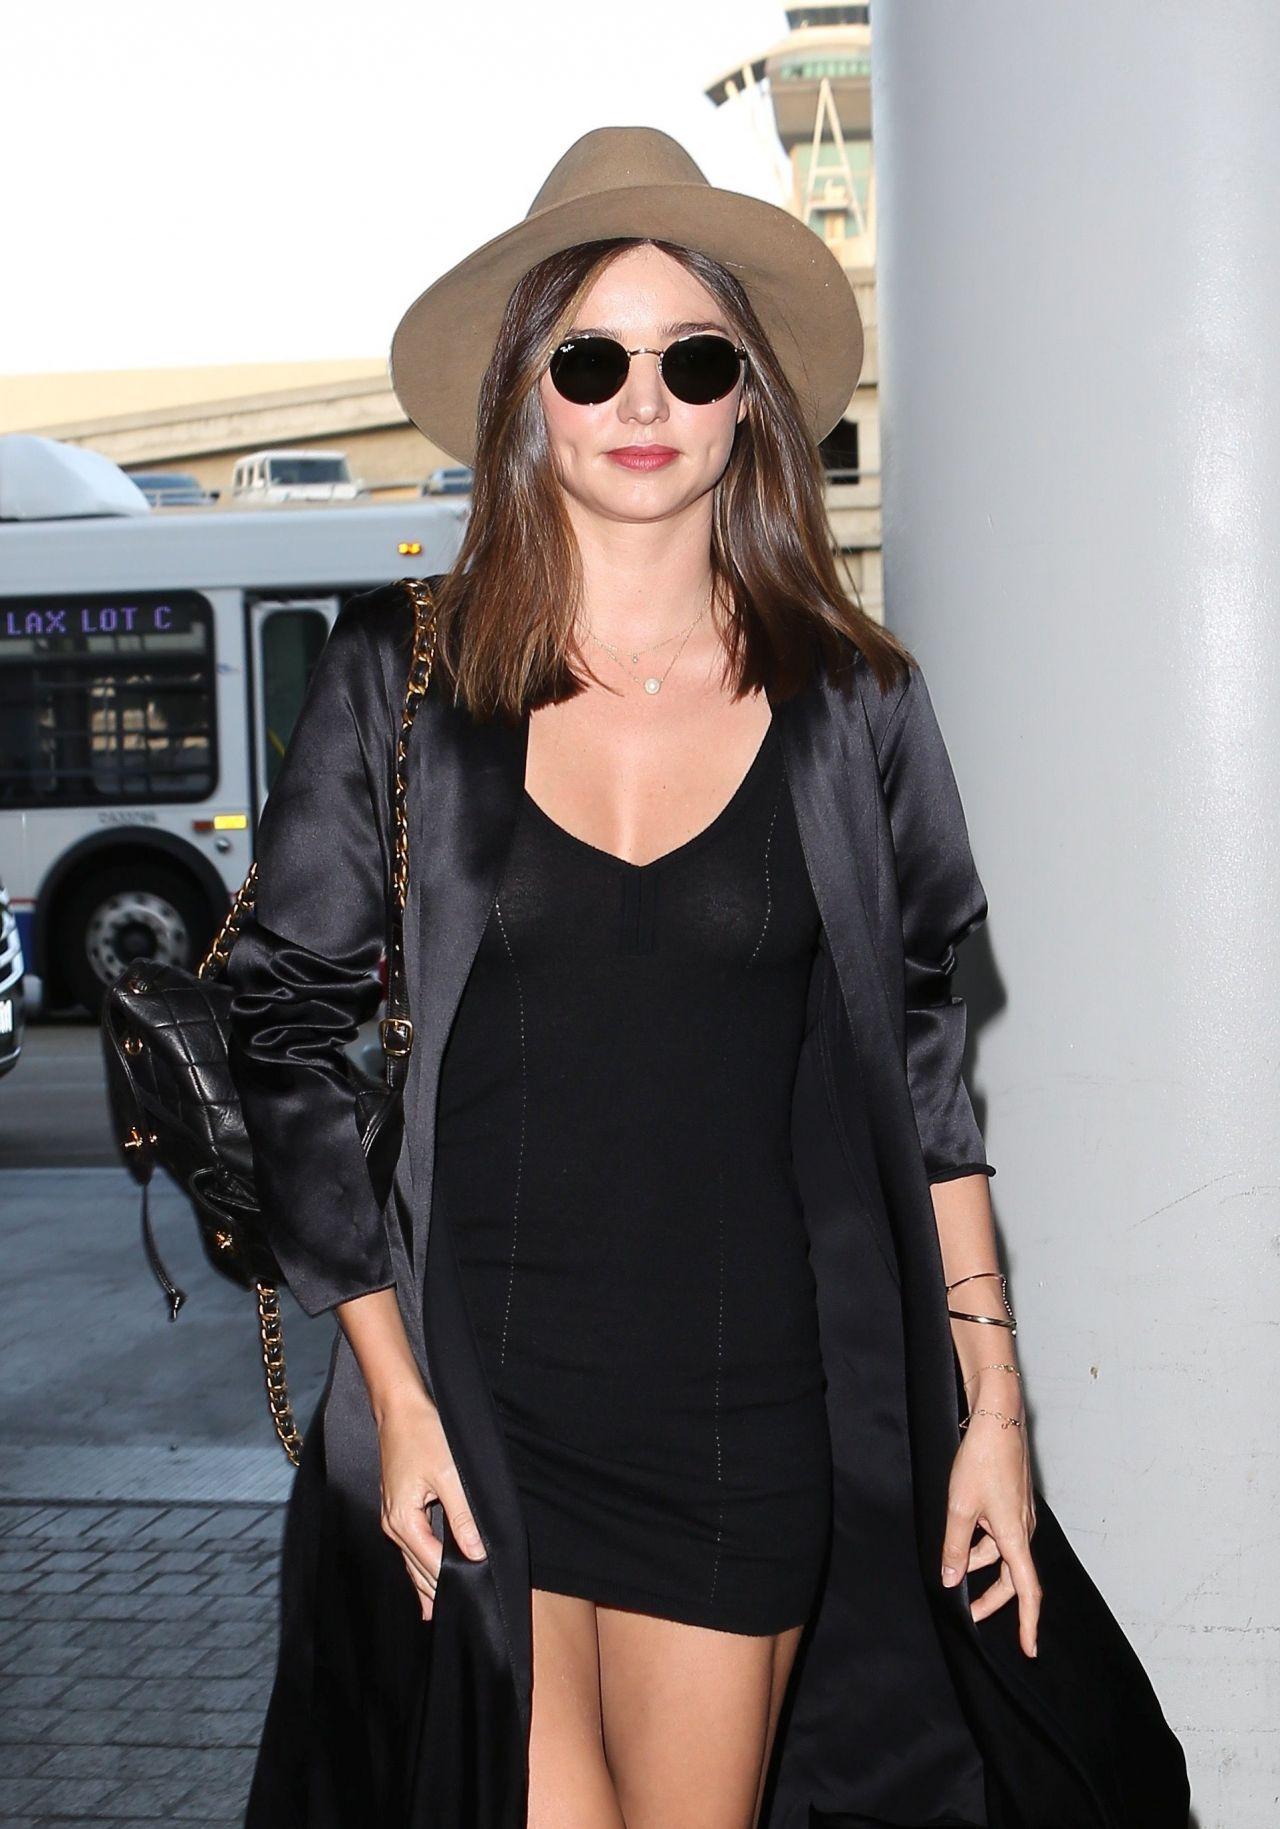 Miranda Kerr In Black Mini Dress At Lax Airport In Los